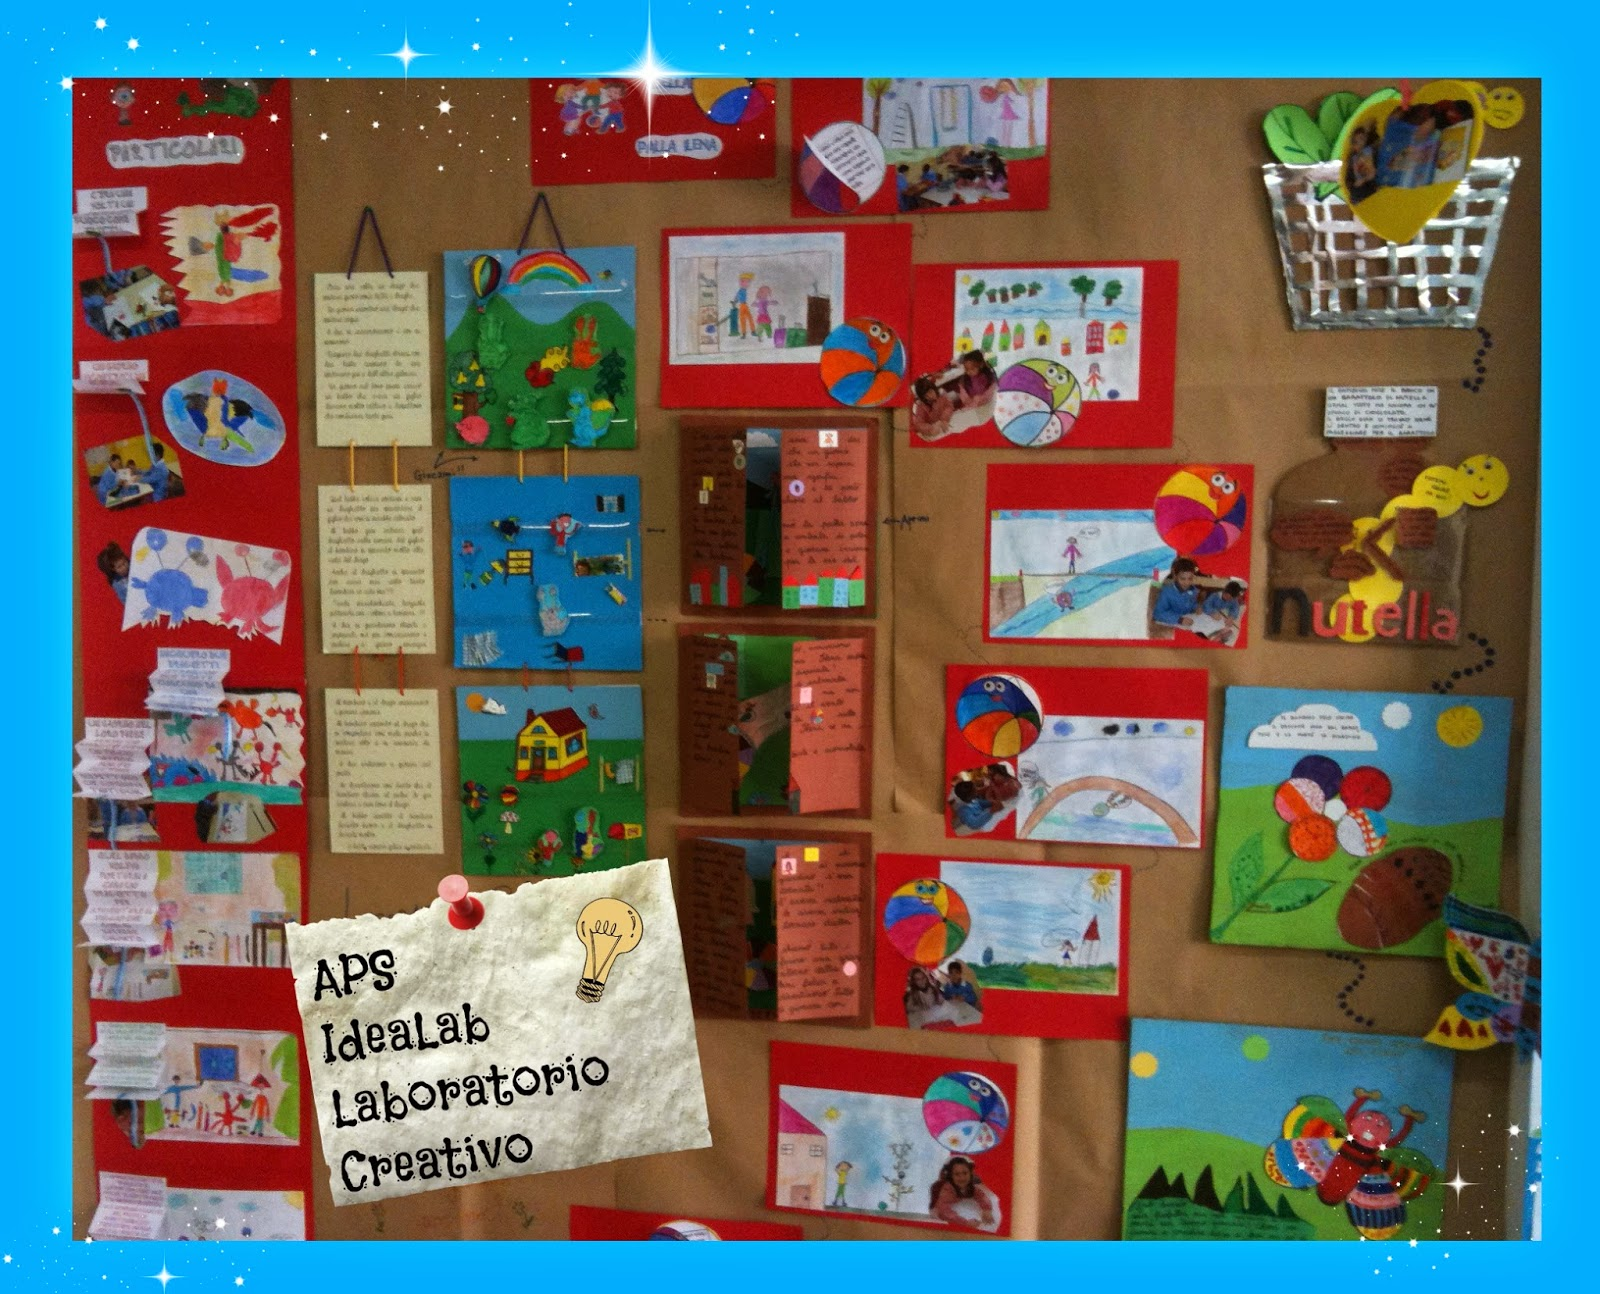 Idealab Laboratorio Creativo Al Laboratorio Creativo Di Idealab